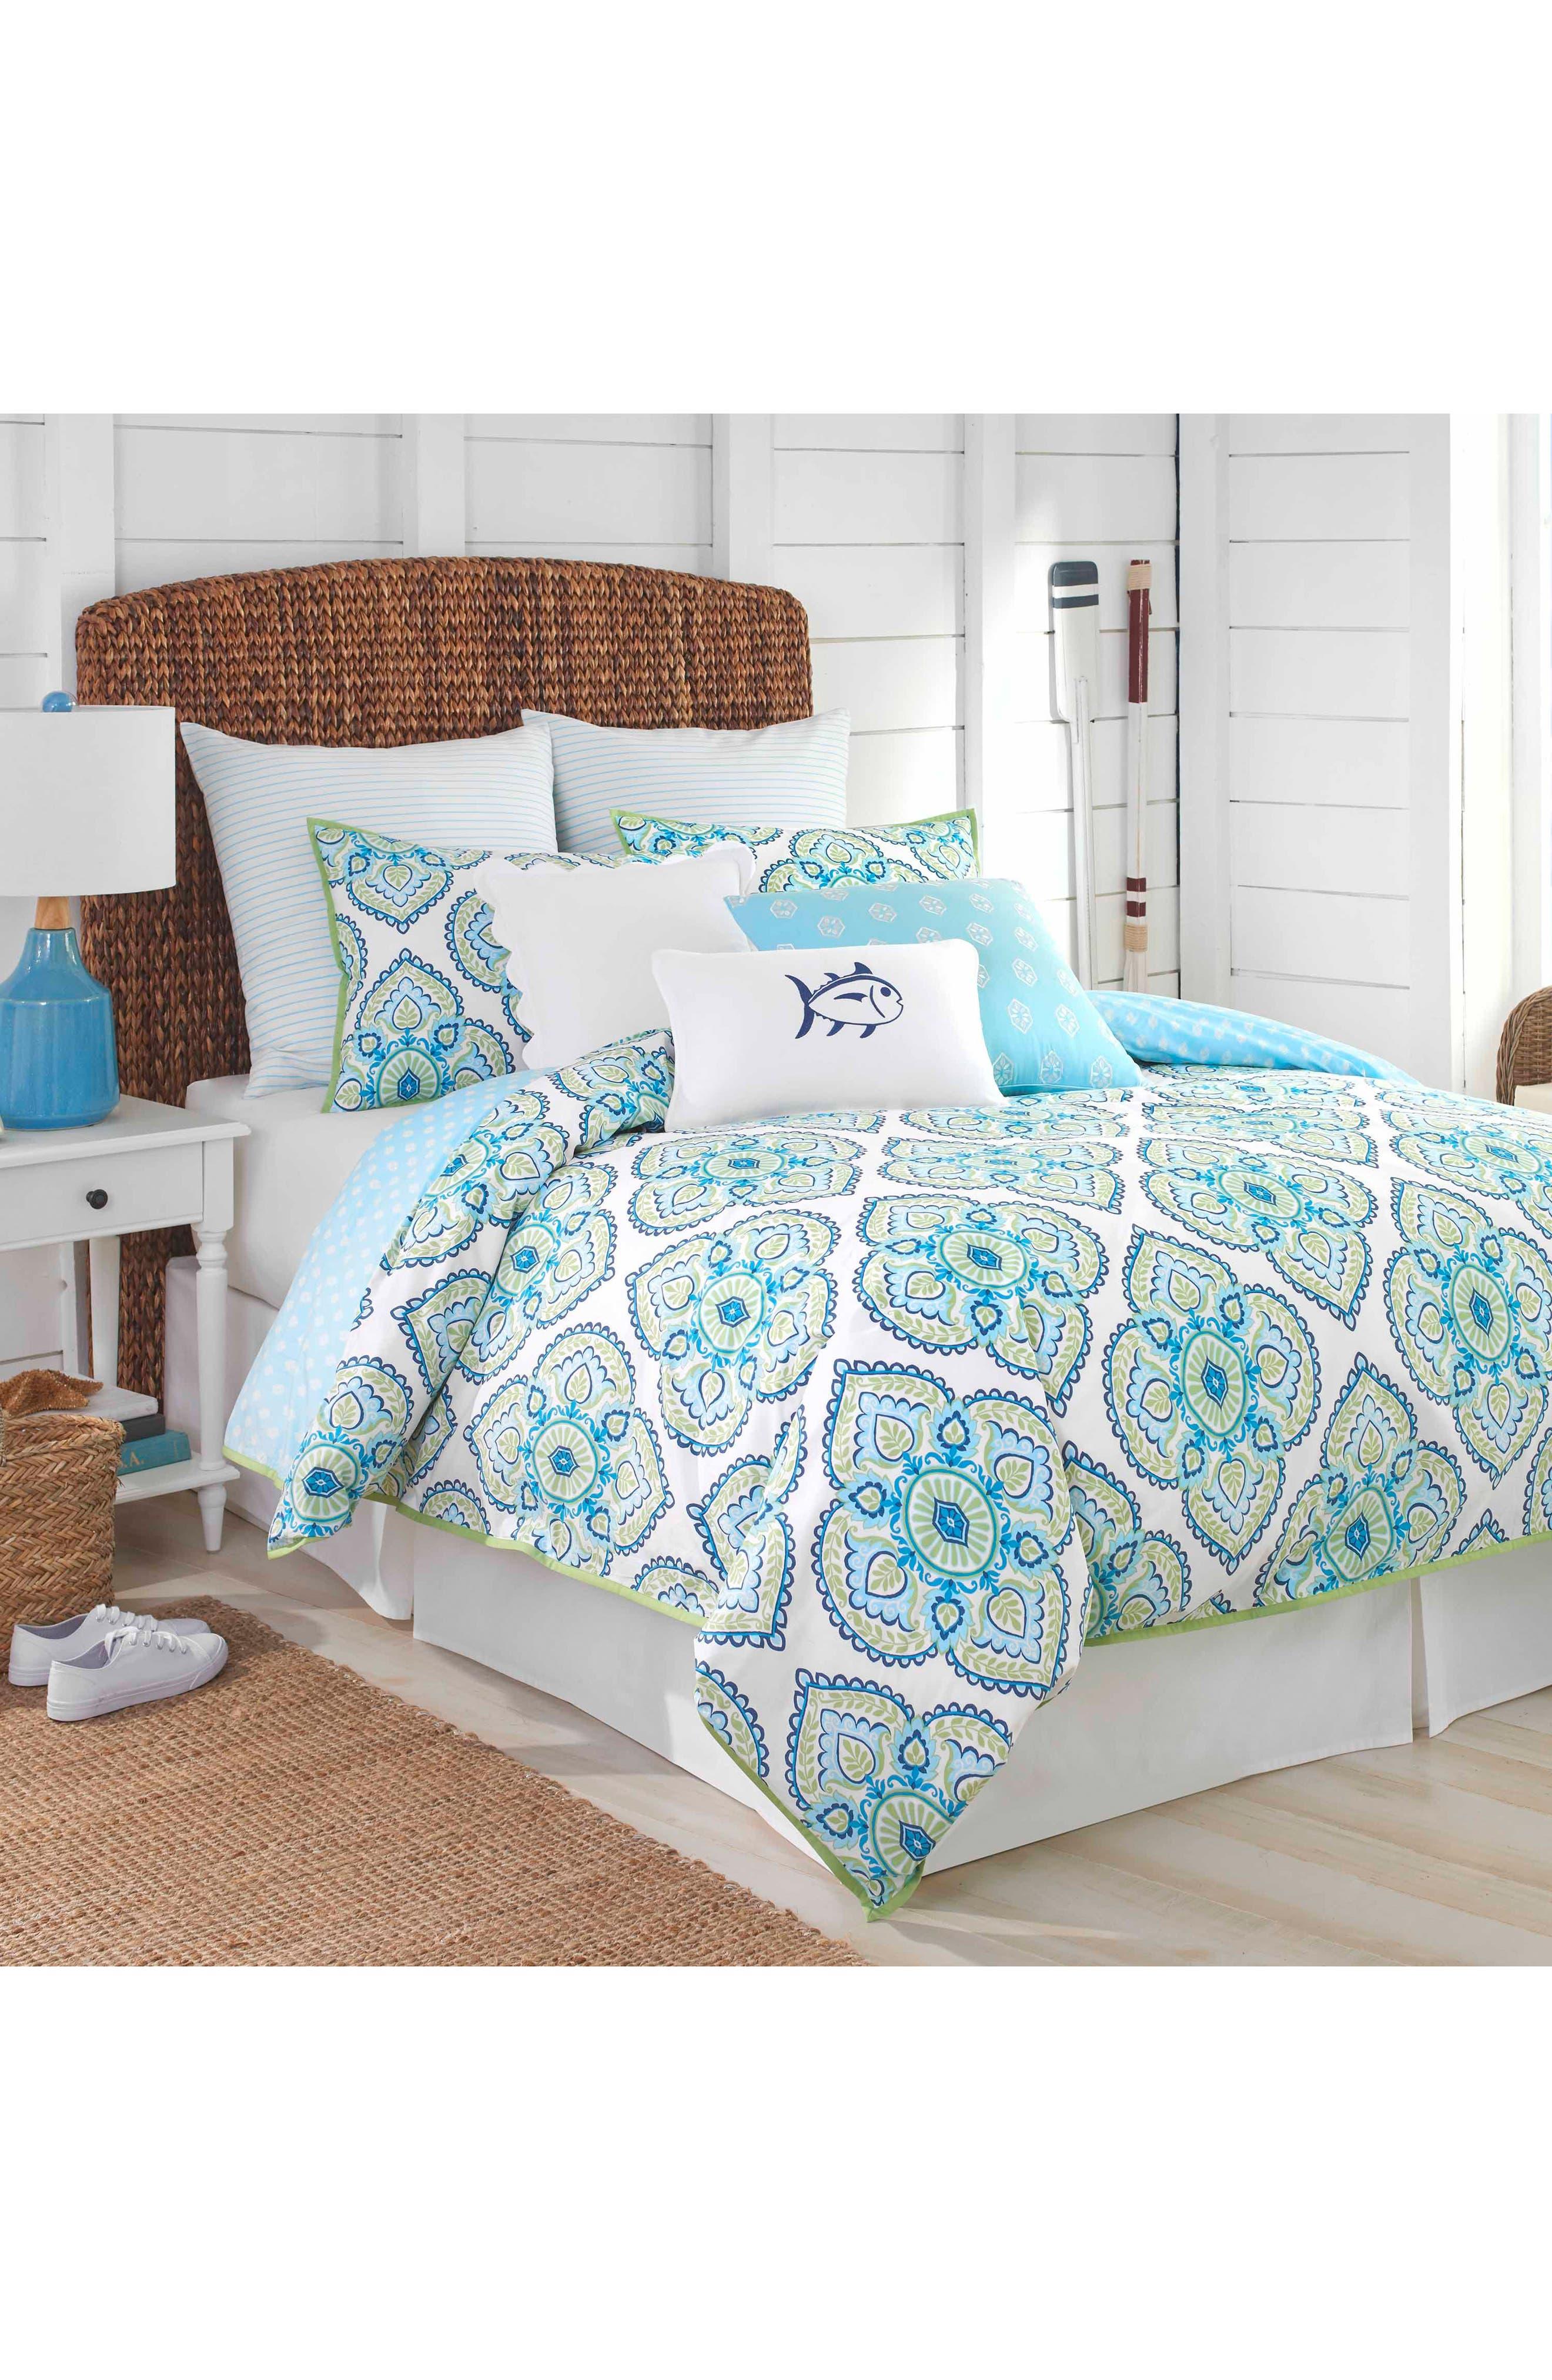 Main Image - Southern Tide Summerville Comforter, Sham & Bed Skirt Set